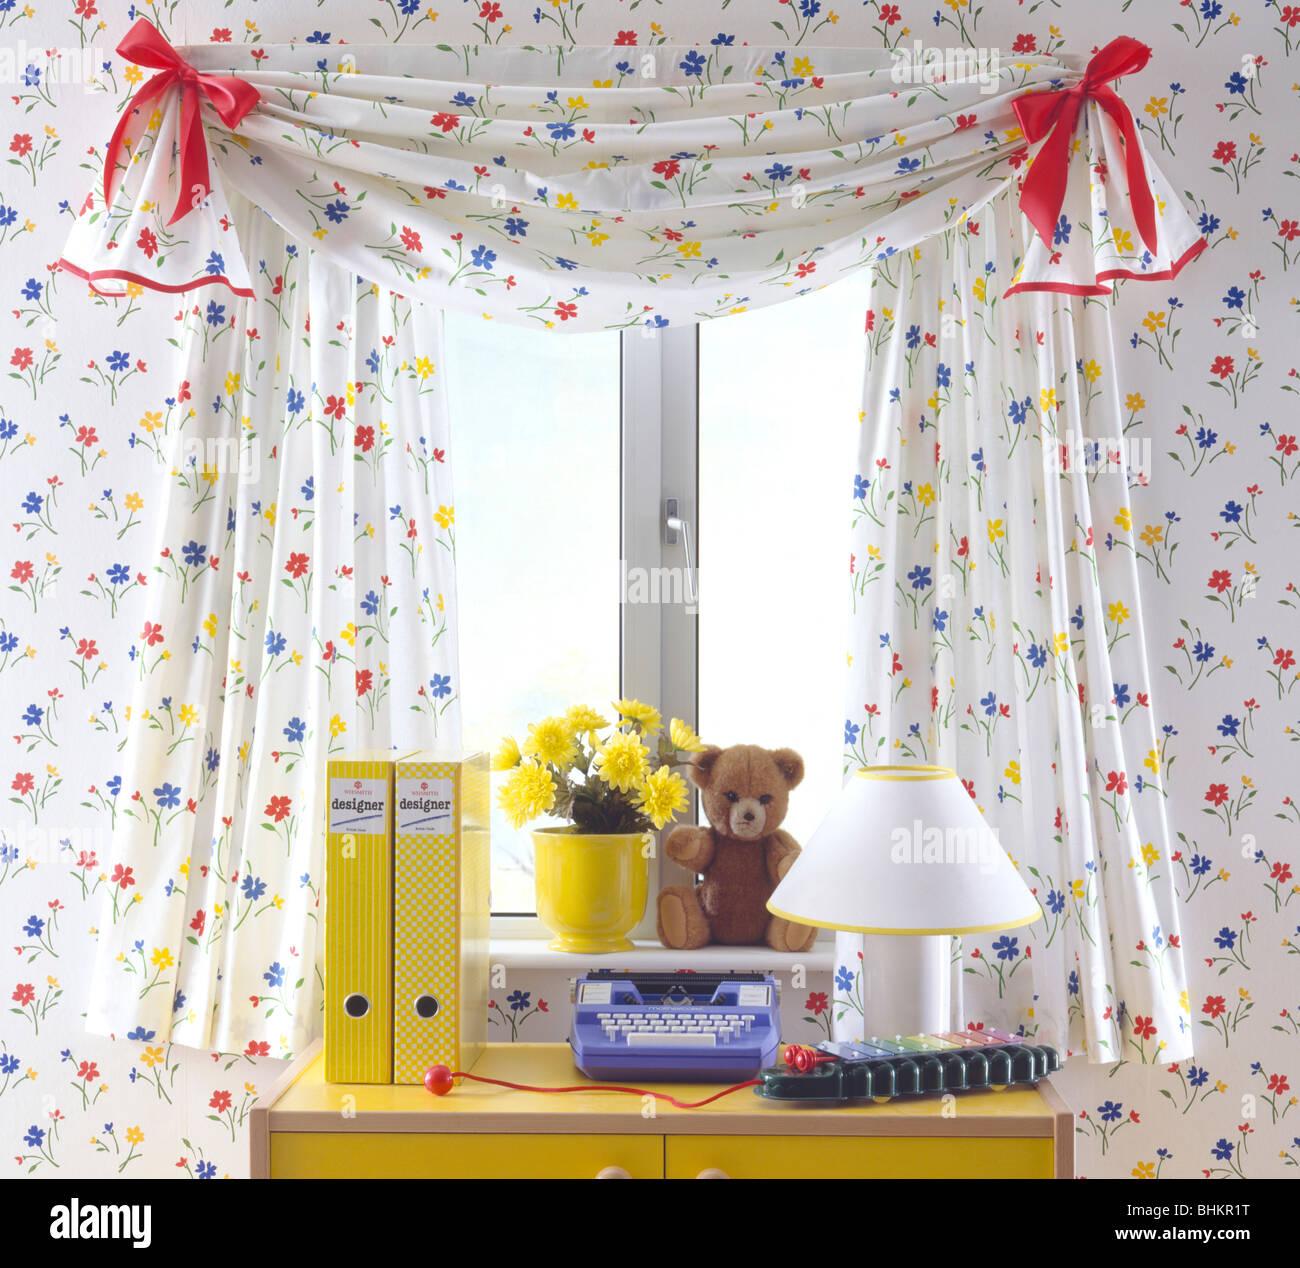 close up of des rideaux sur la fentre au dessus de 24 avec bote jaune files et toy machine crire dans une salle de jeux avec un papier peint fleuri